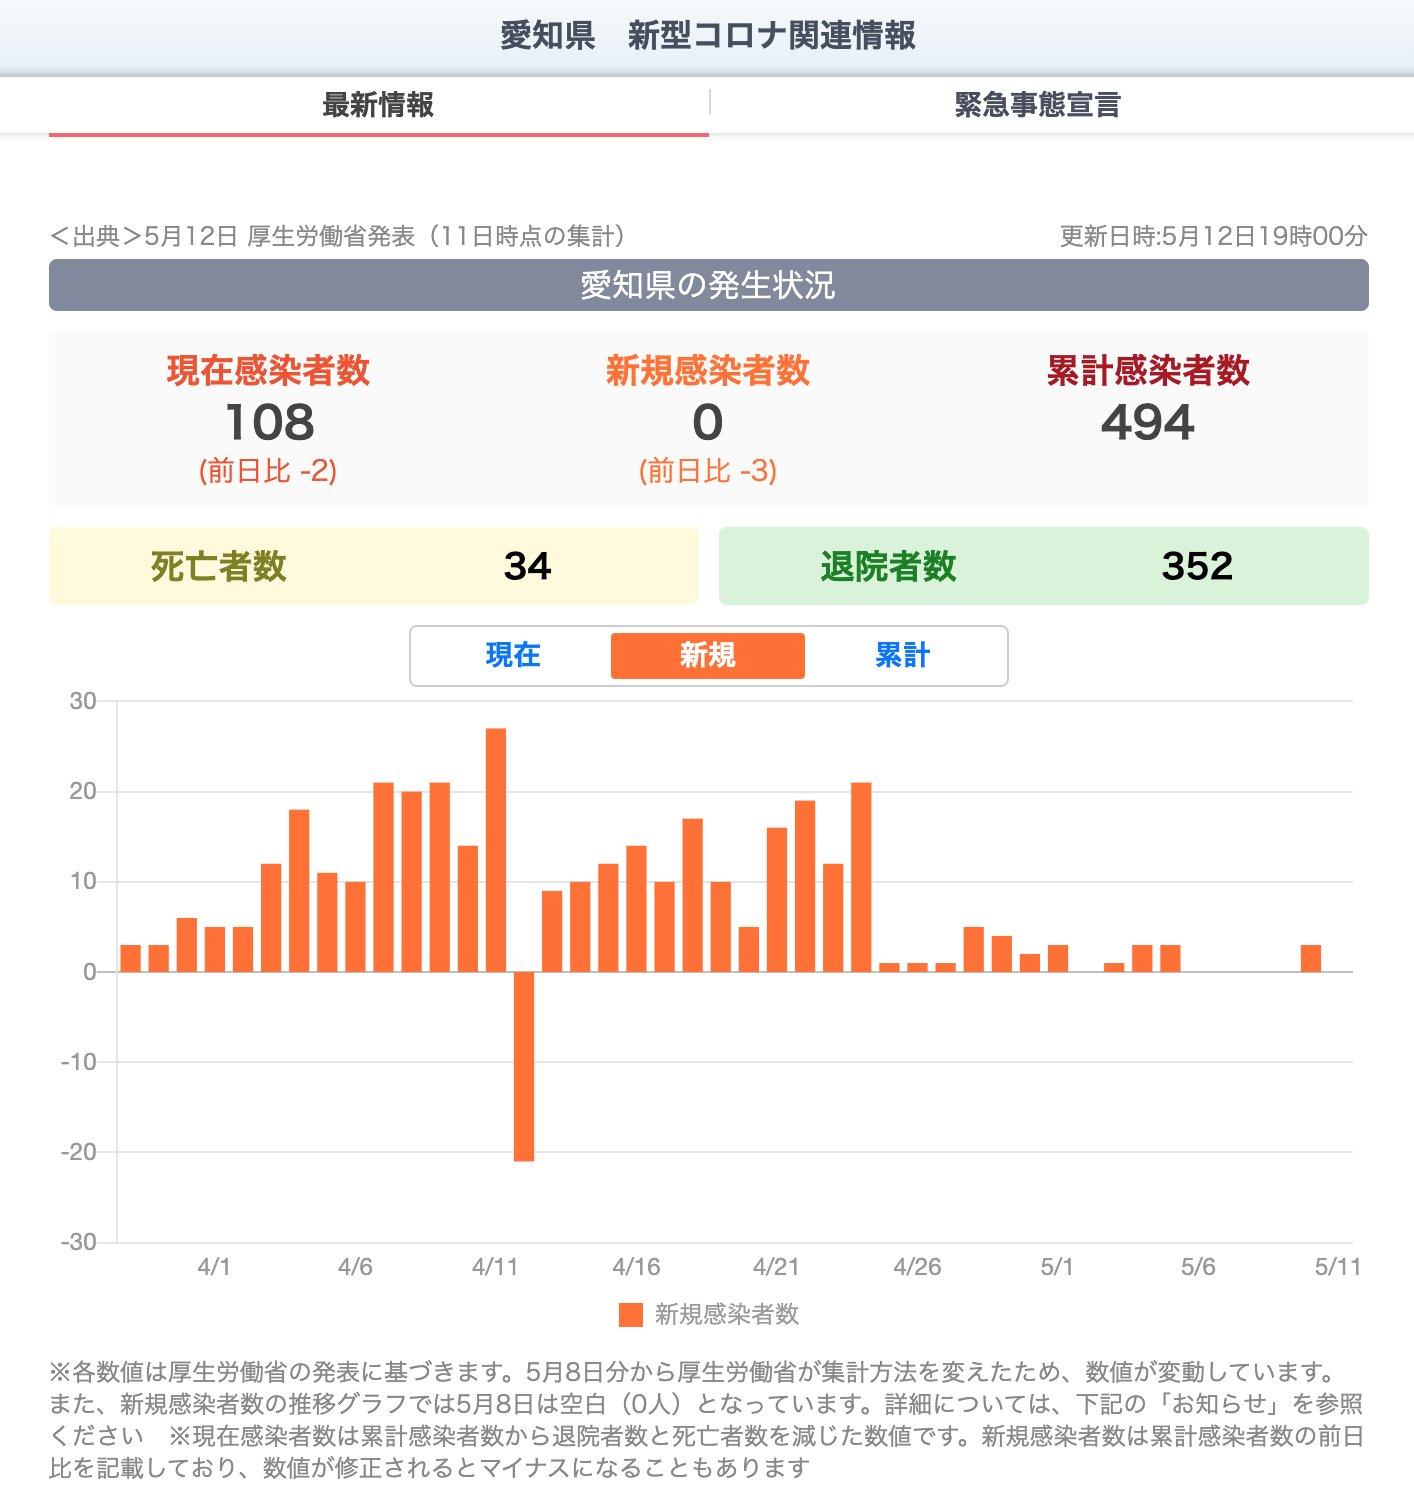 愛知県の新規感染者数はここ2週間では毎日0〜5人程度。  愛知県 新型コロナ関連情報 - Yahoo! JAPAN https://t.co/ttsXFZmEF6 https://t.co/Deqb3D6eN5